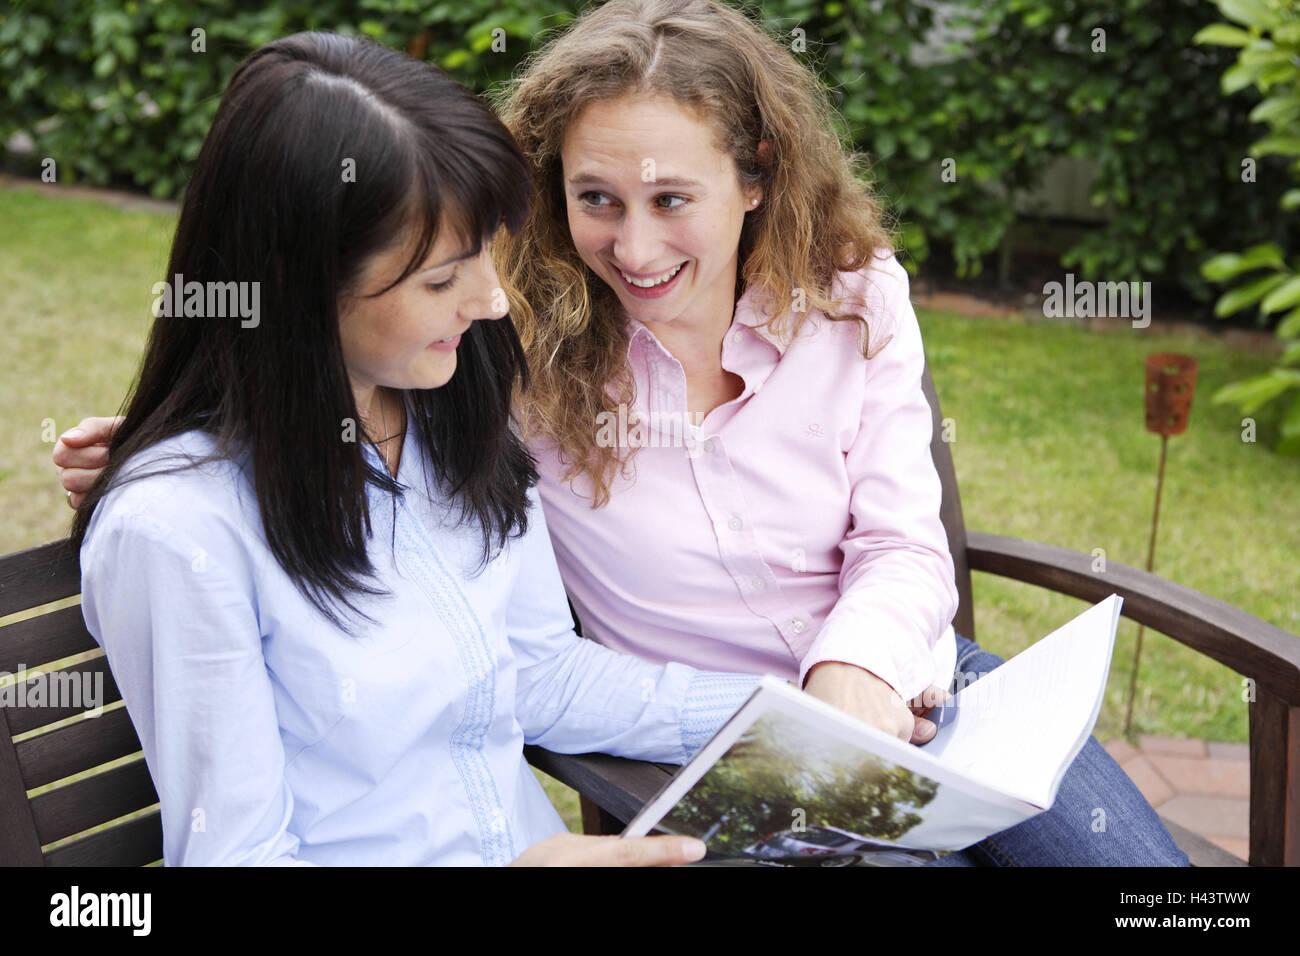 Garten, Frauen, Magazin, betrachten, glücklich, zusammen, Menschen, Freunde, Sit, glücklich, lesen, Freunde, Stockbild